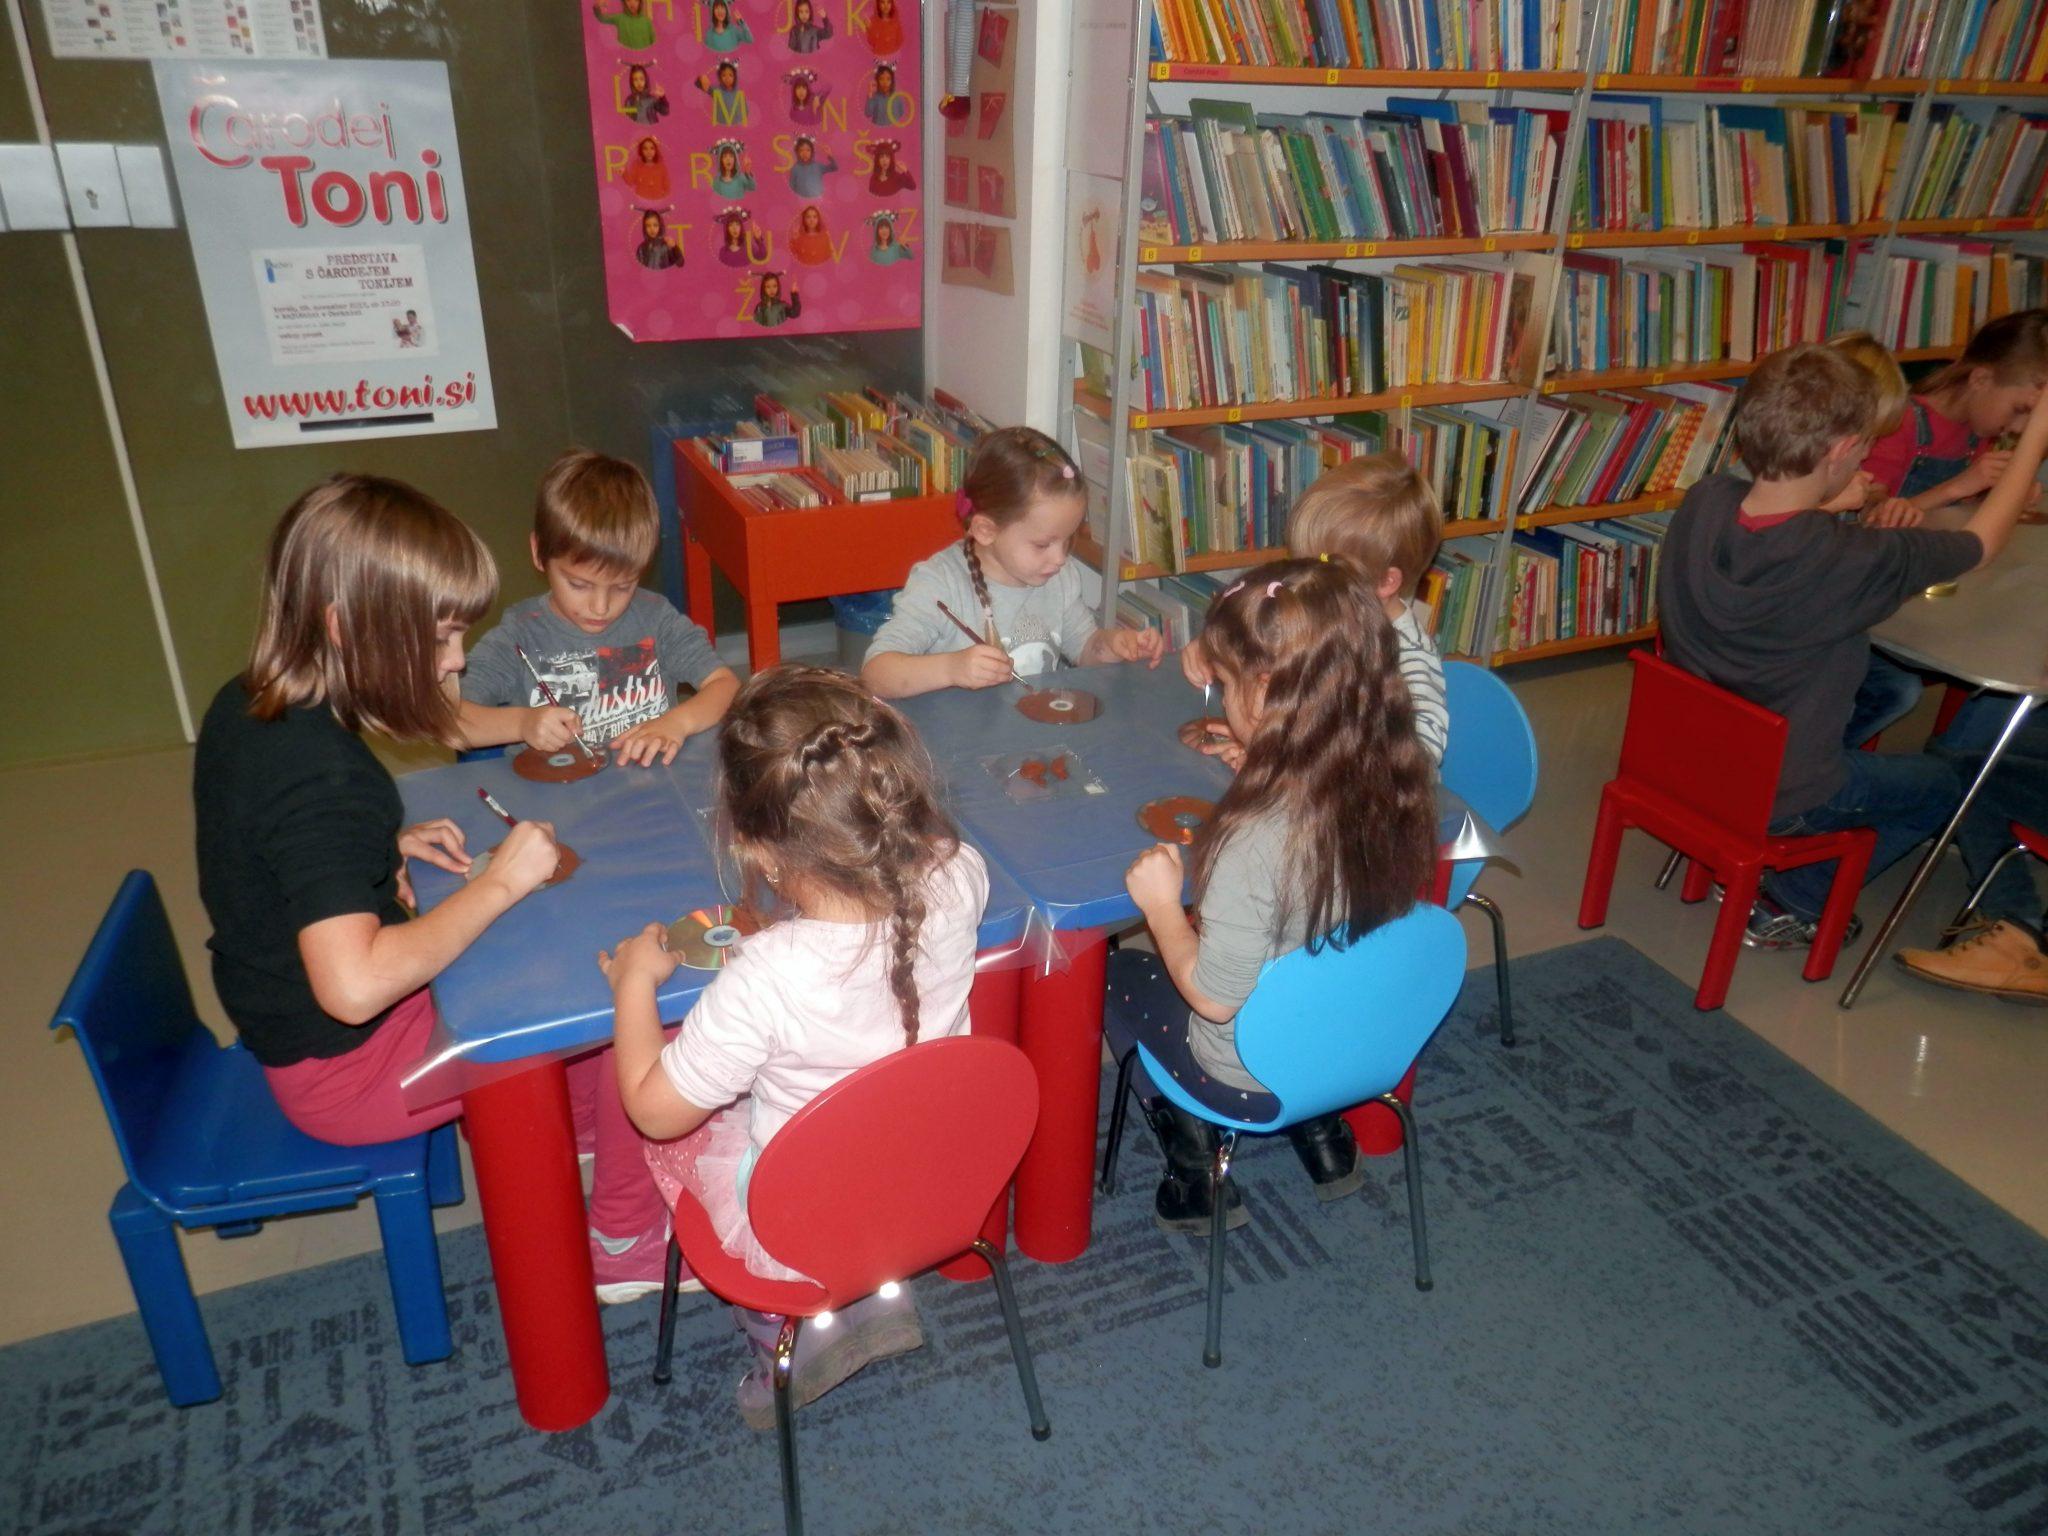 PB220006 - HU-HU pravljična urica z ustvarjalno delavnico za otroke od 4. leta dalje